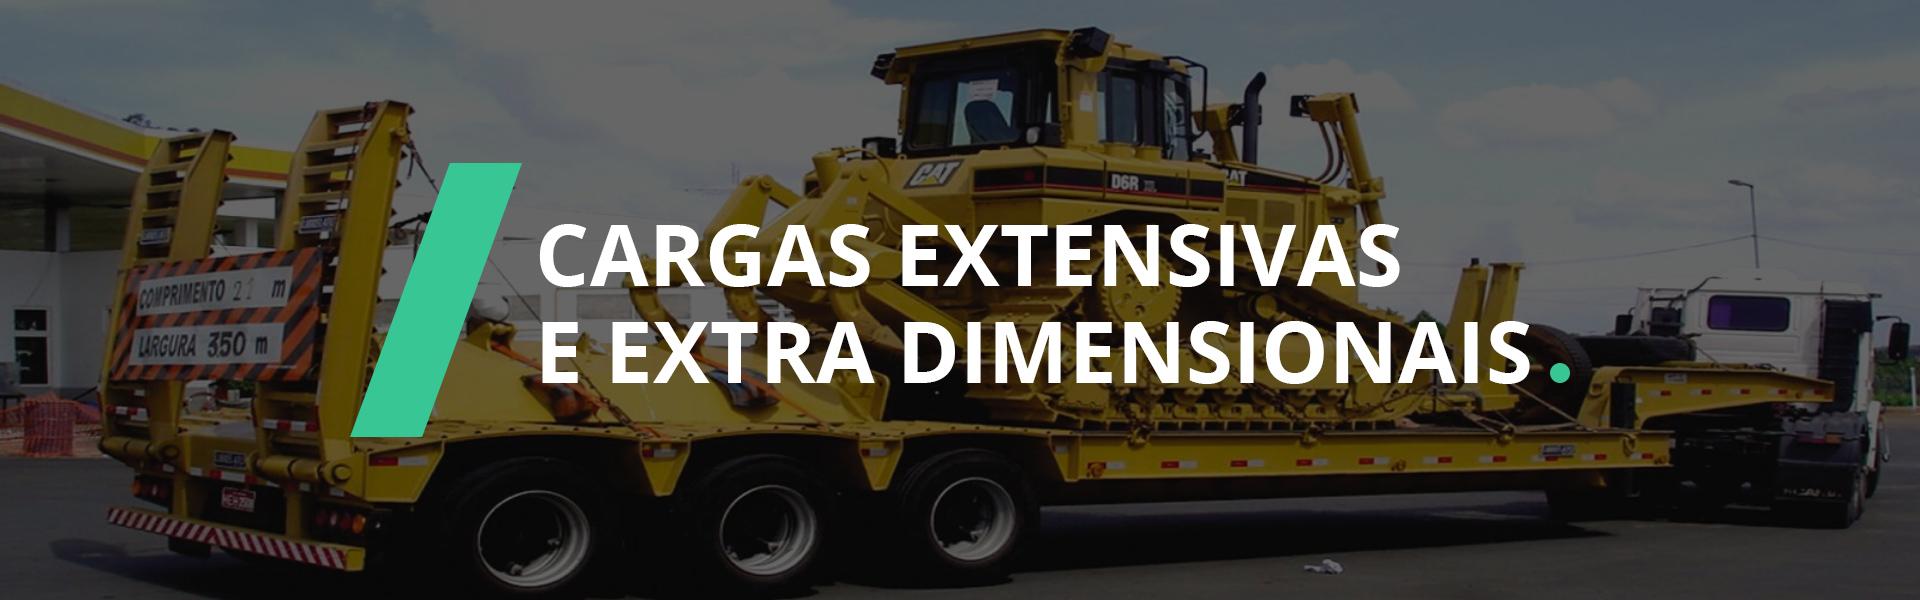 bg-carga-extensiva